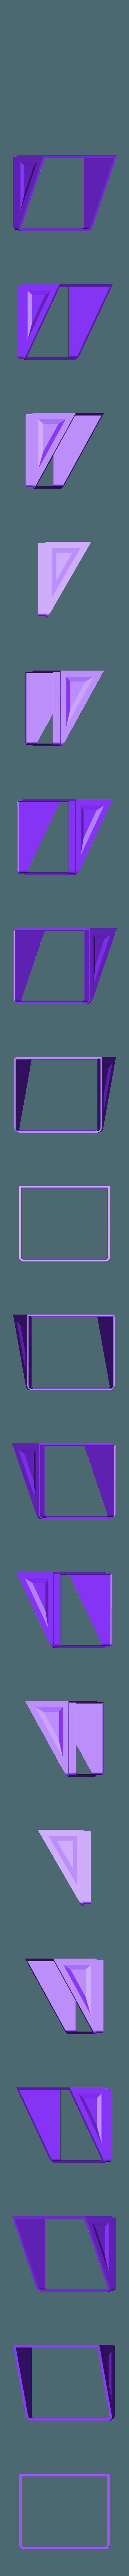 PanierRecyclage - DessusPetitPanier.stl Télécharger fichier STL gratuit Panier recyclage • Objet imprimable en 3D, mrballeure